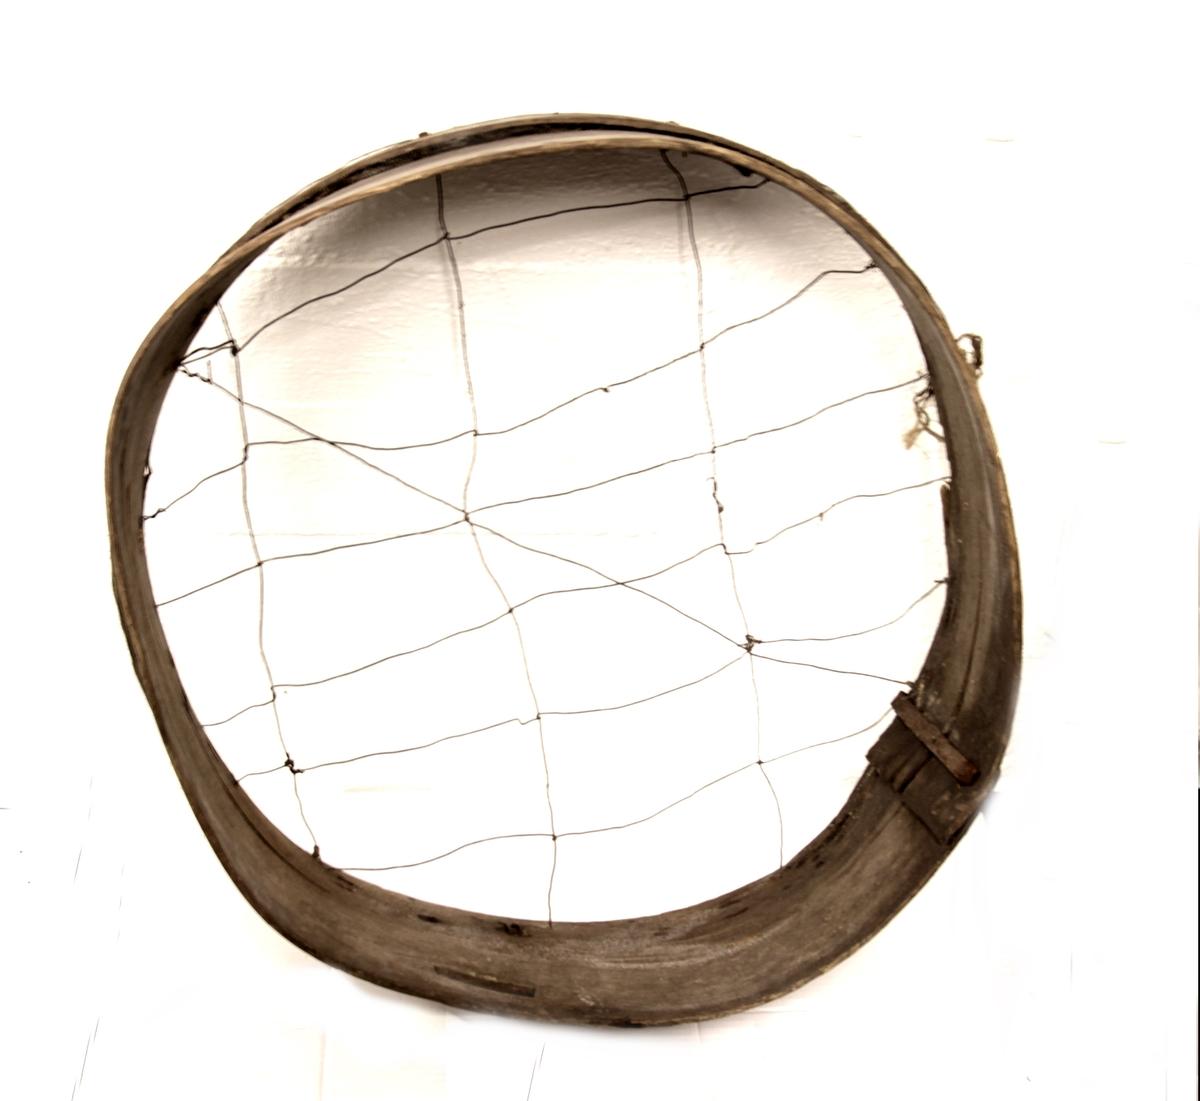 Båndene er festet med et metallbeslag og bunnen består av store og åpne masker.